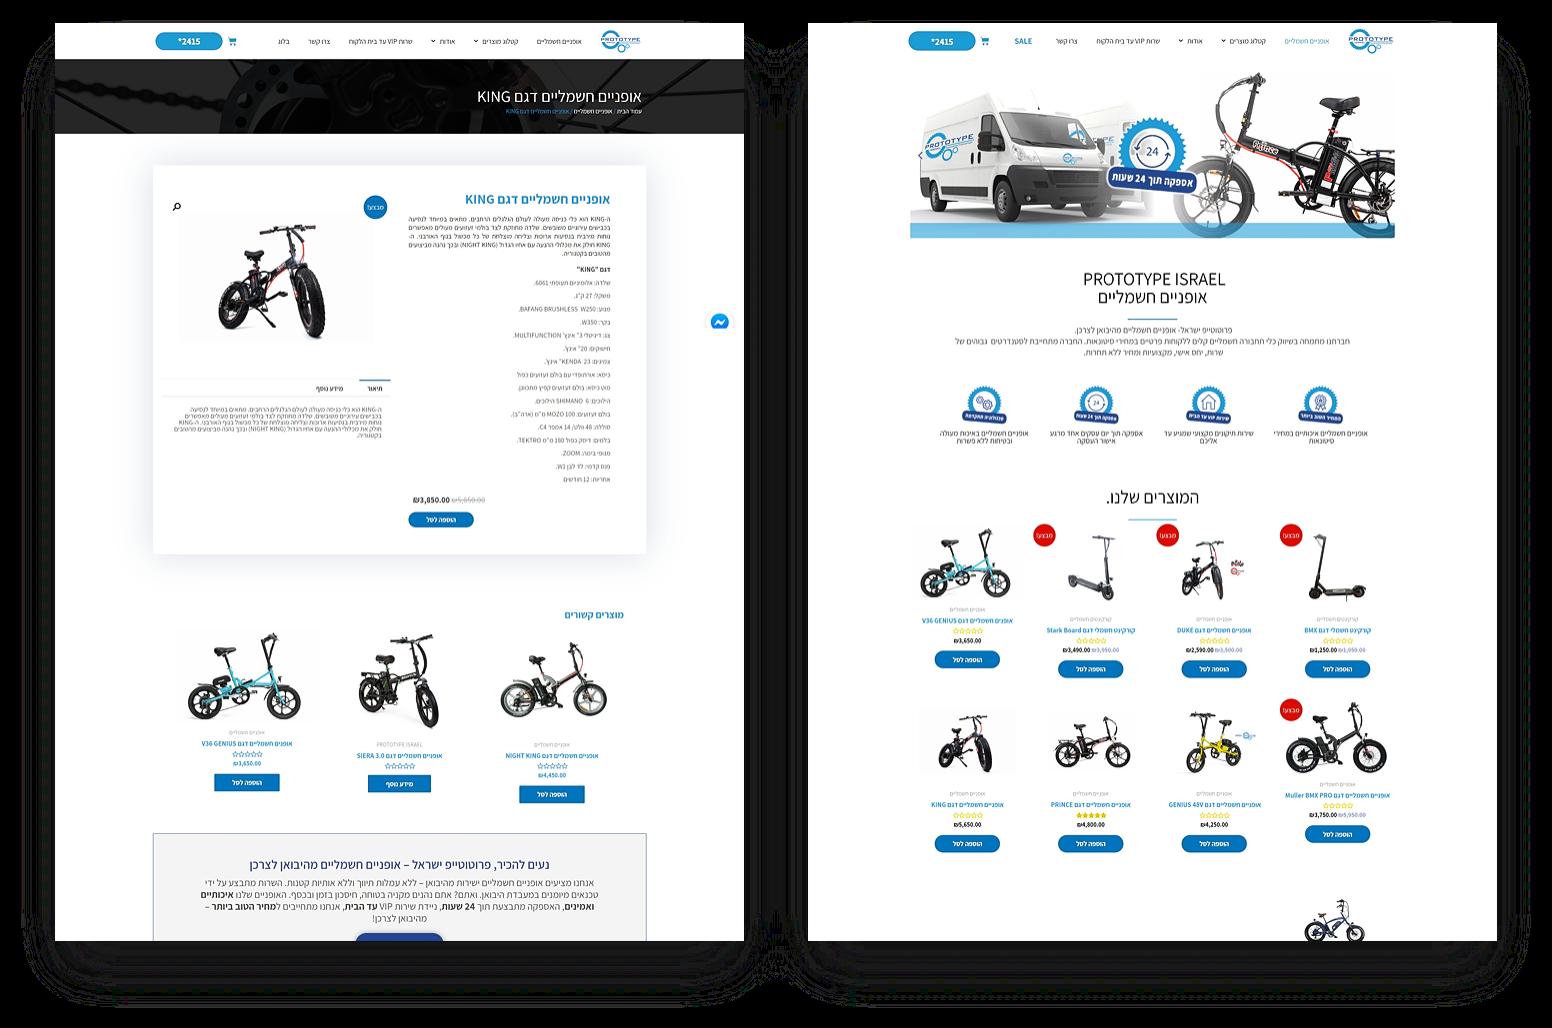 קייס סטאדי קמפיין פרוטוטייפ ישראל - אופניים חשמליים